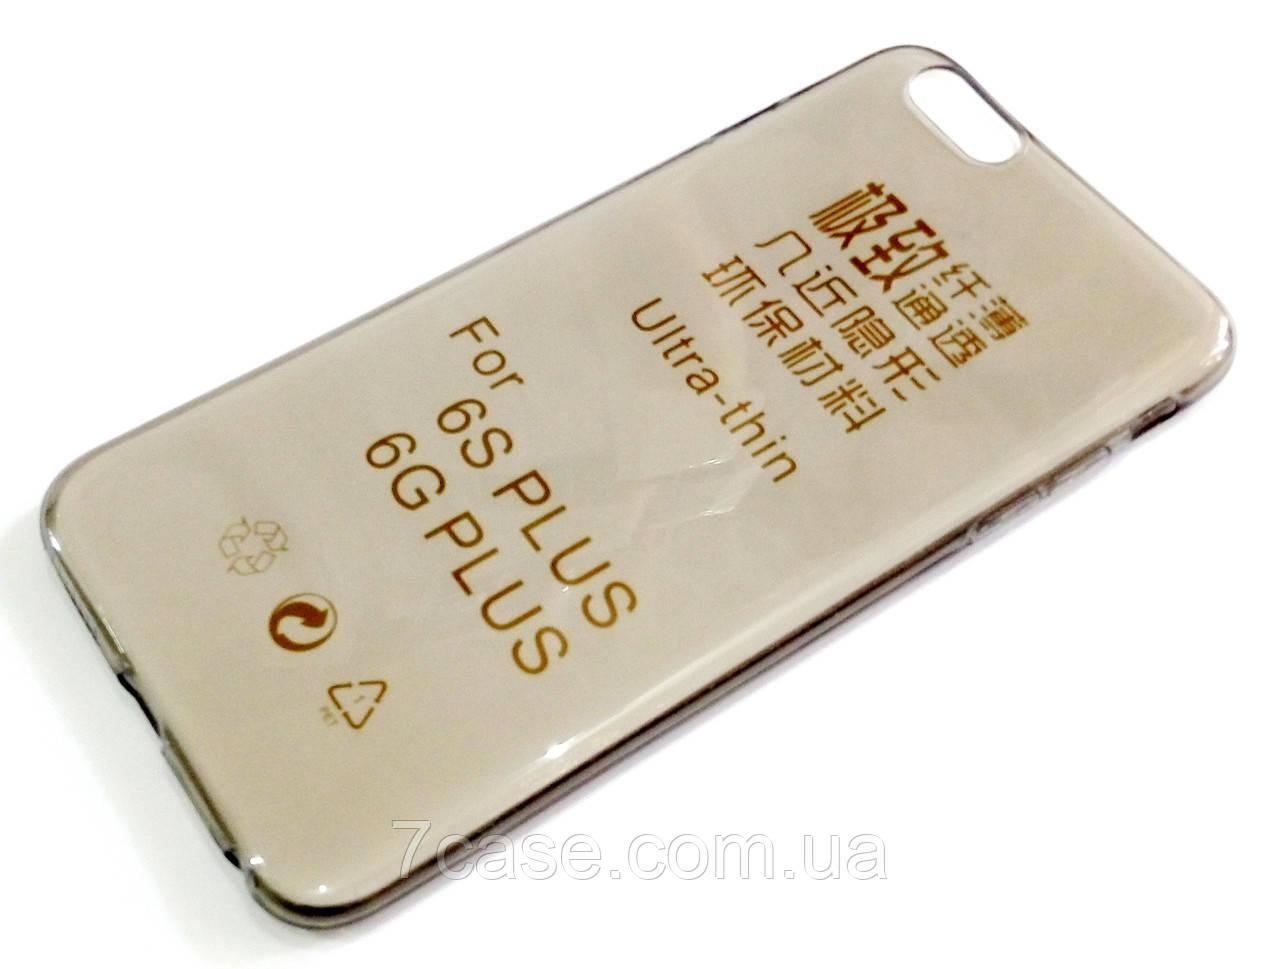 Чехол для iPhone 6 Plus / 6s Plus силиконовый ультратонкий прозрачный серый